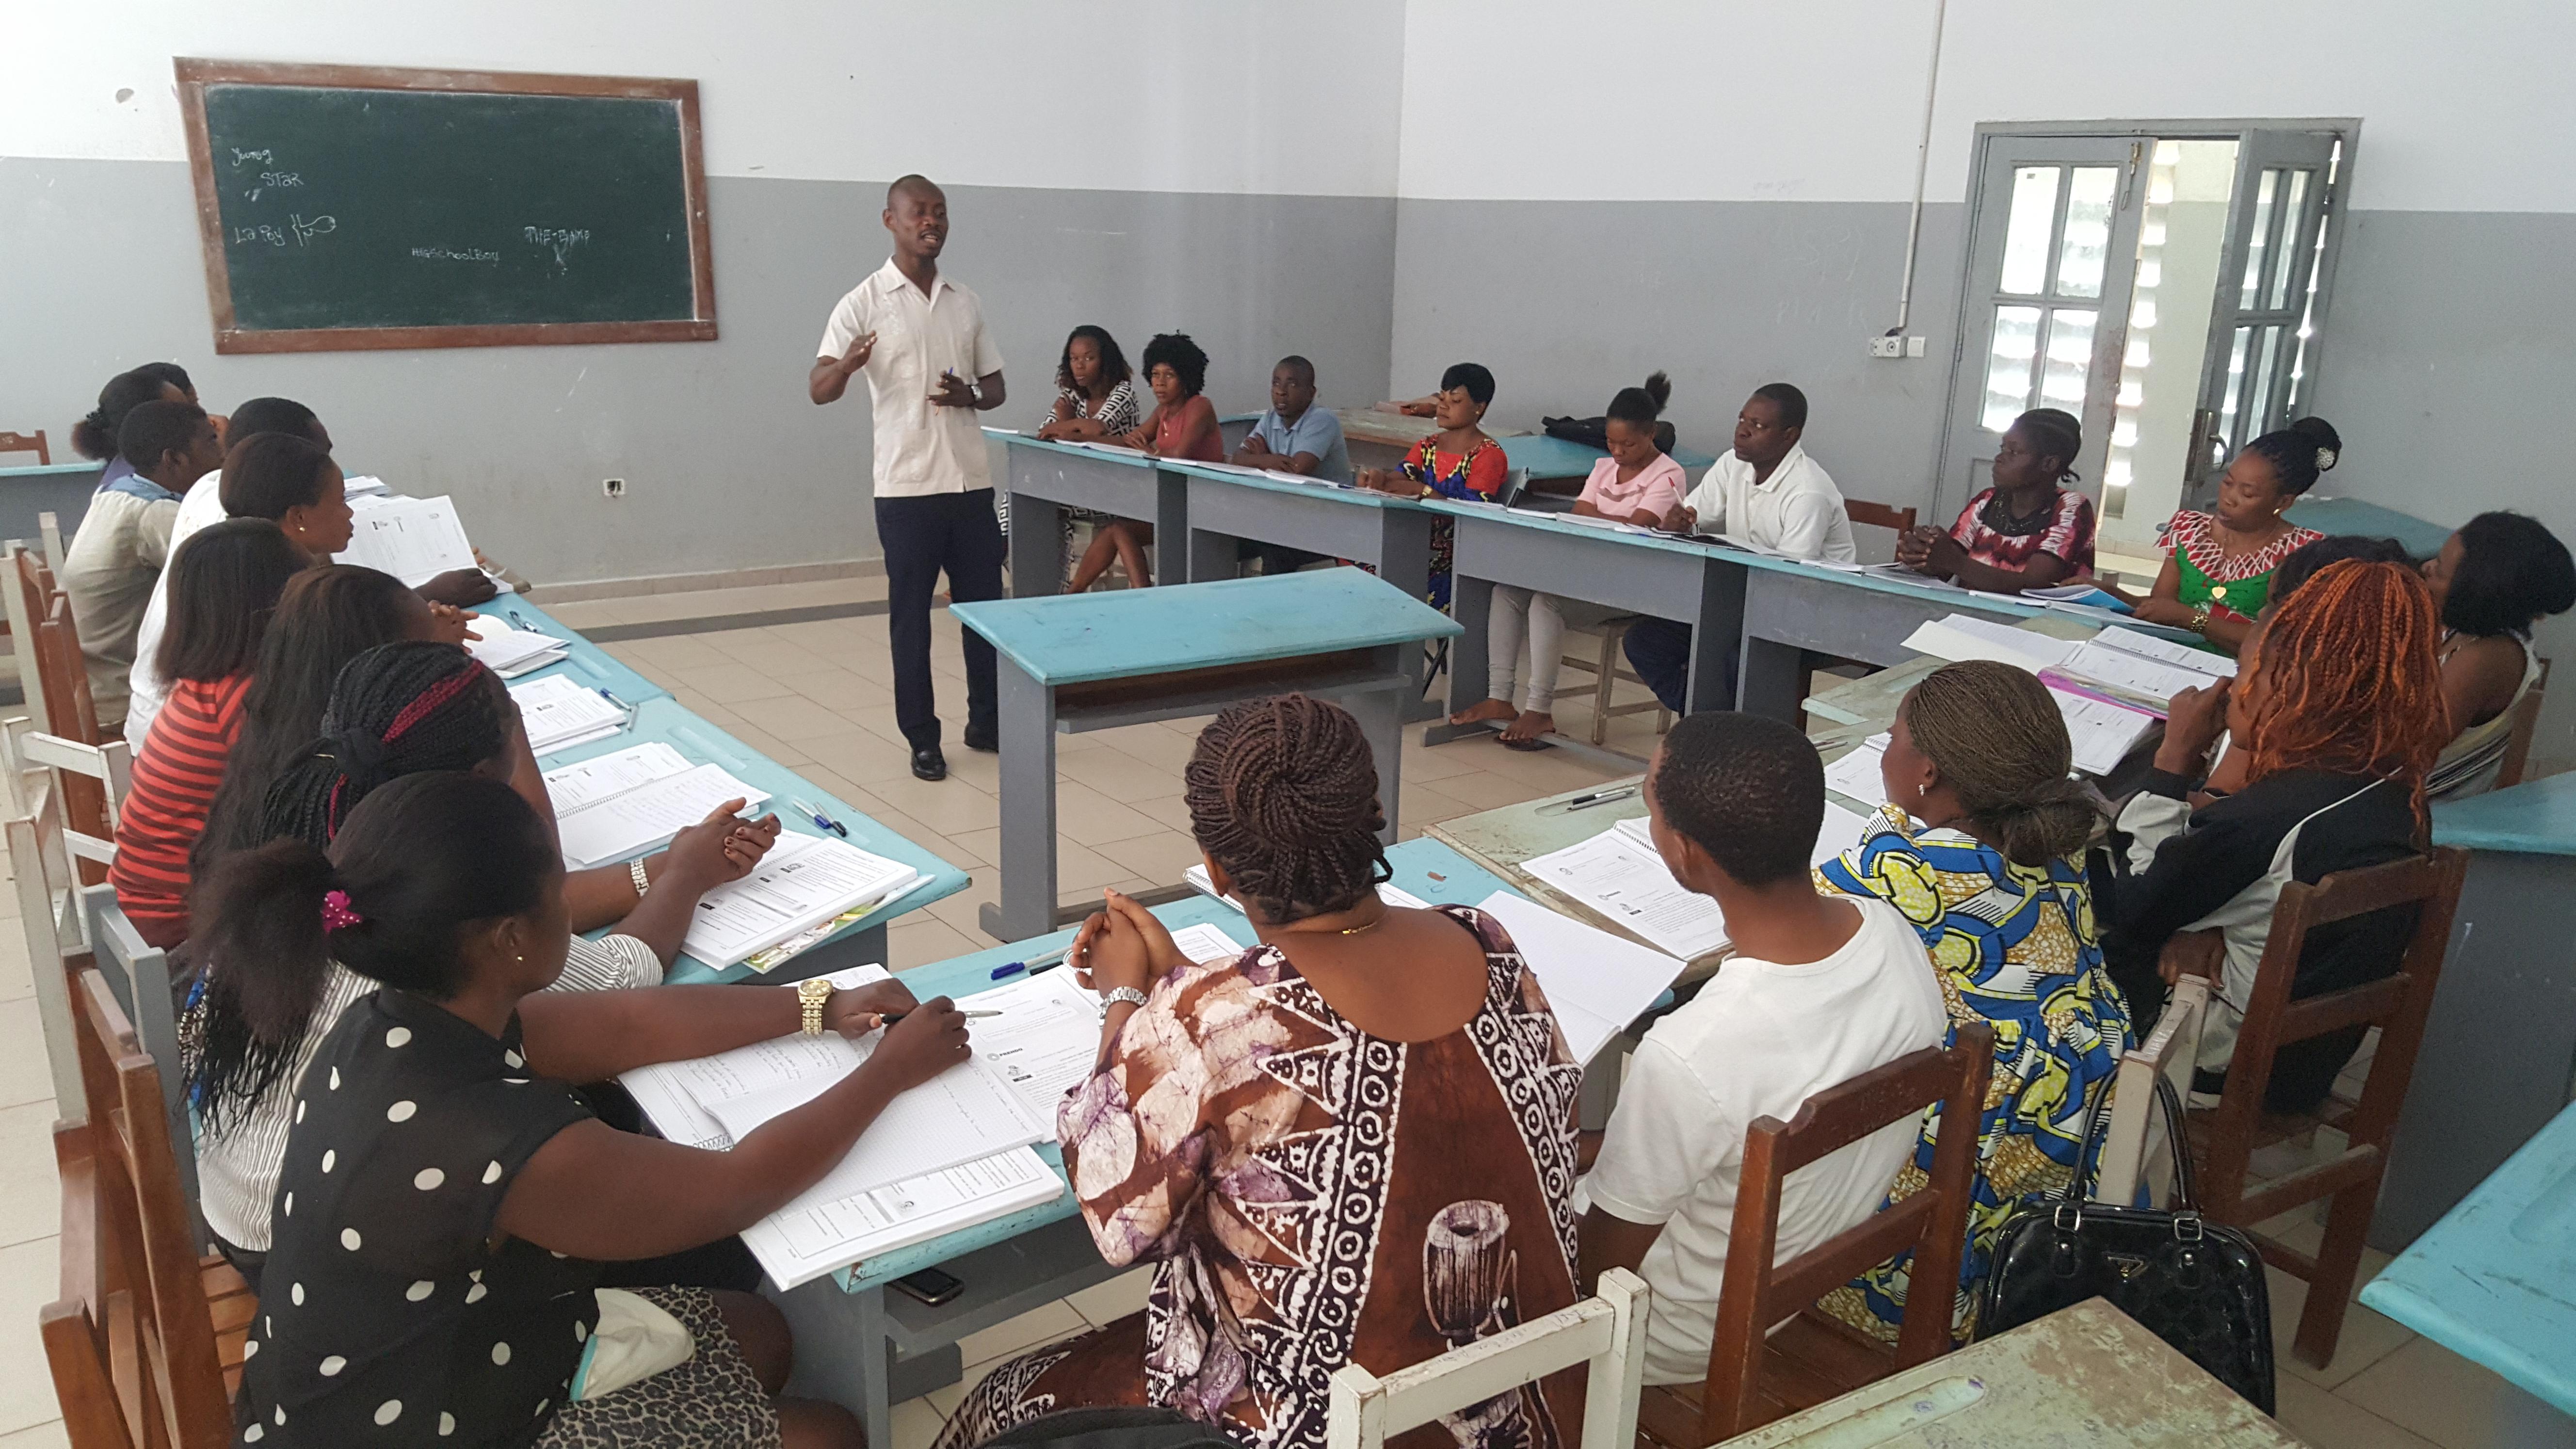 Inicia el curso de Acreditación para los docentes de Enseñanza Preescolar y Primaria en Guinea Ecuatorial.